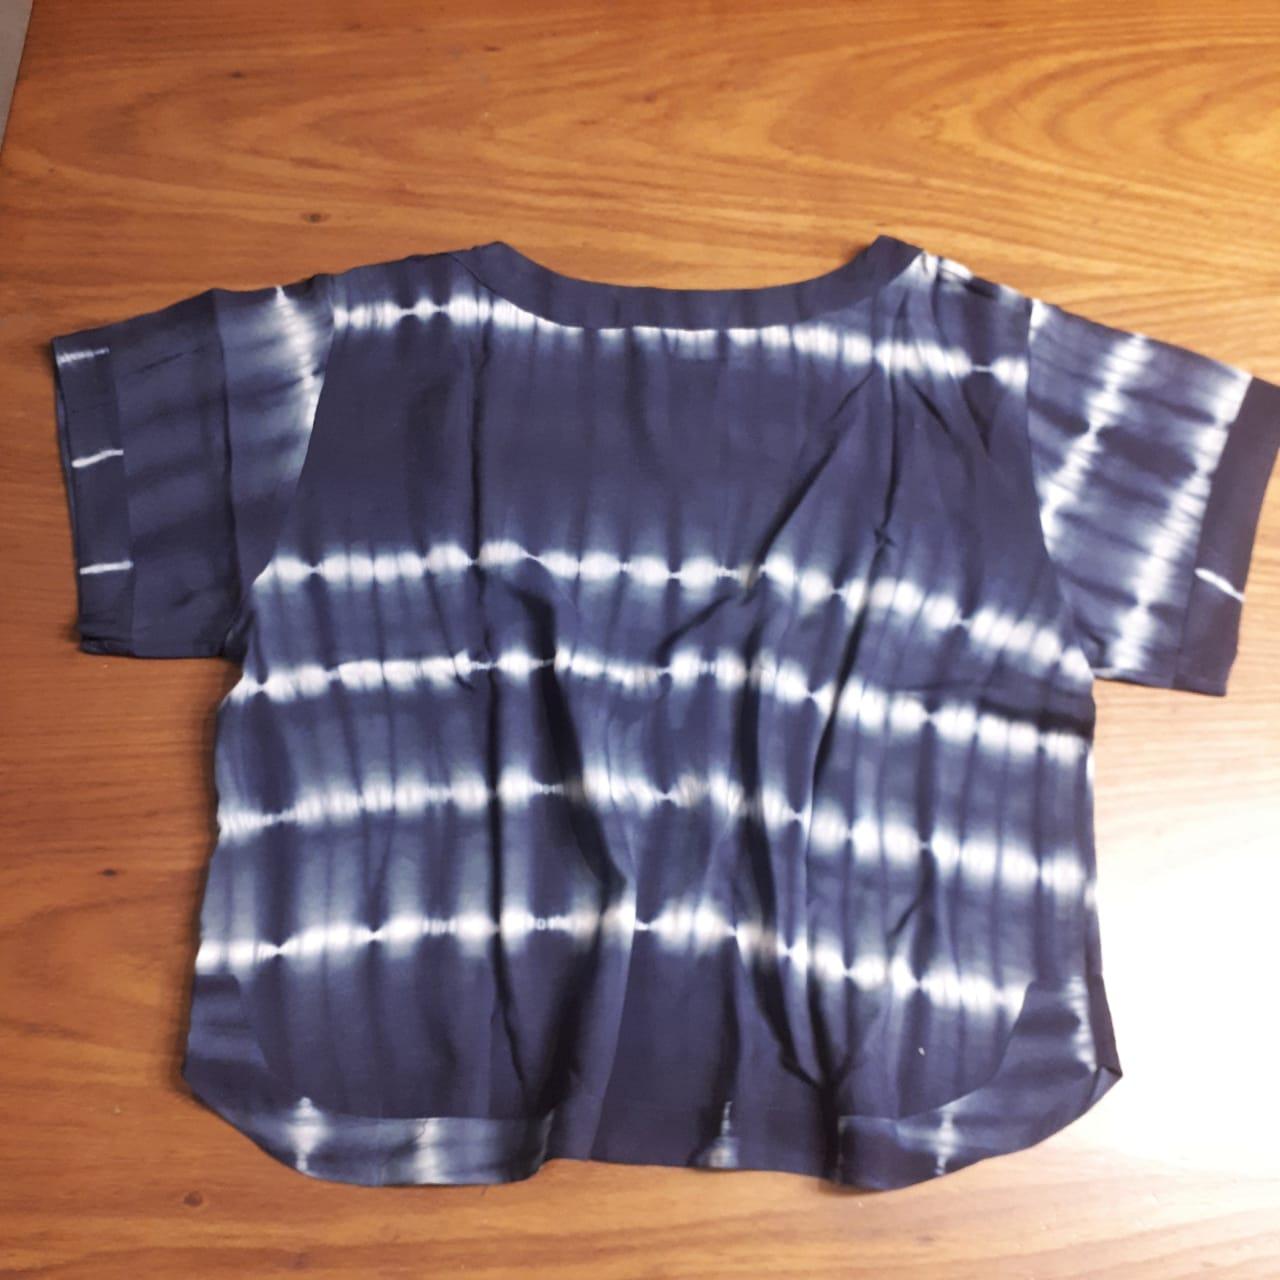 T- shirt viscose em duas versões, uma em  tie dye e a outra estampa rabiscos geométricos